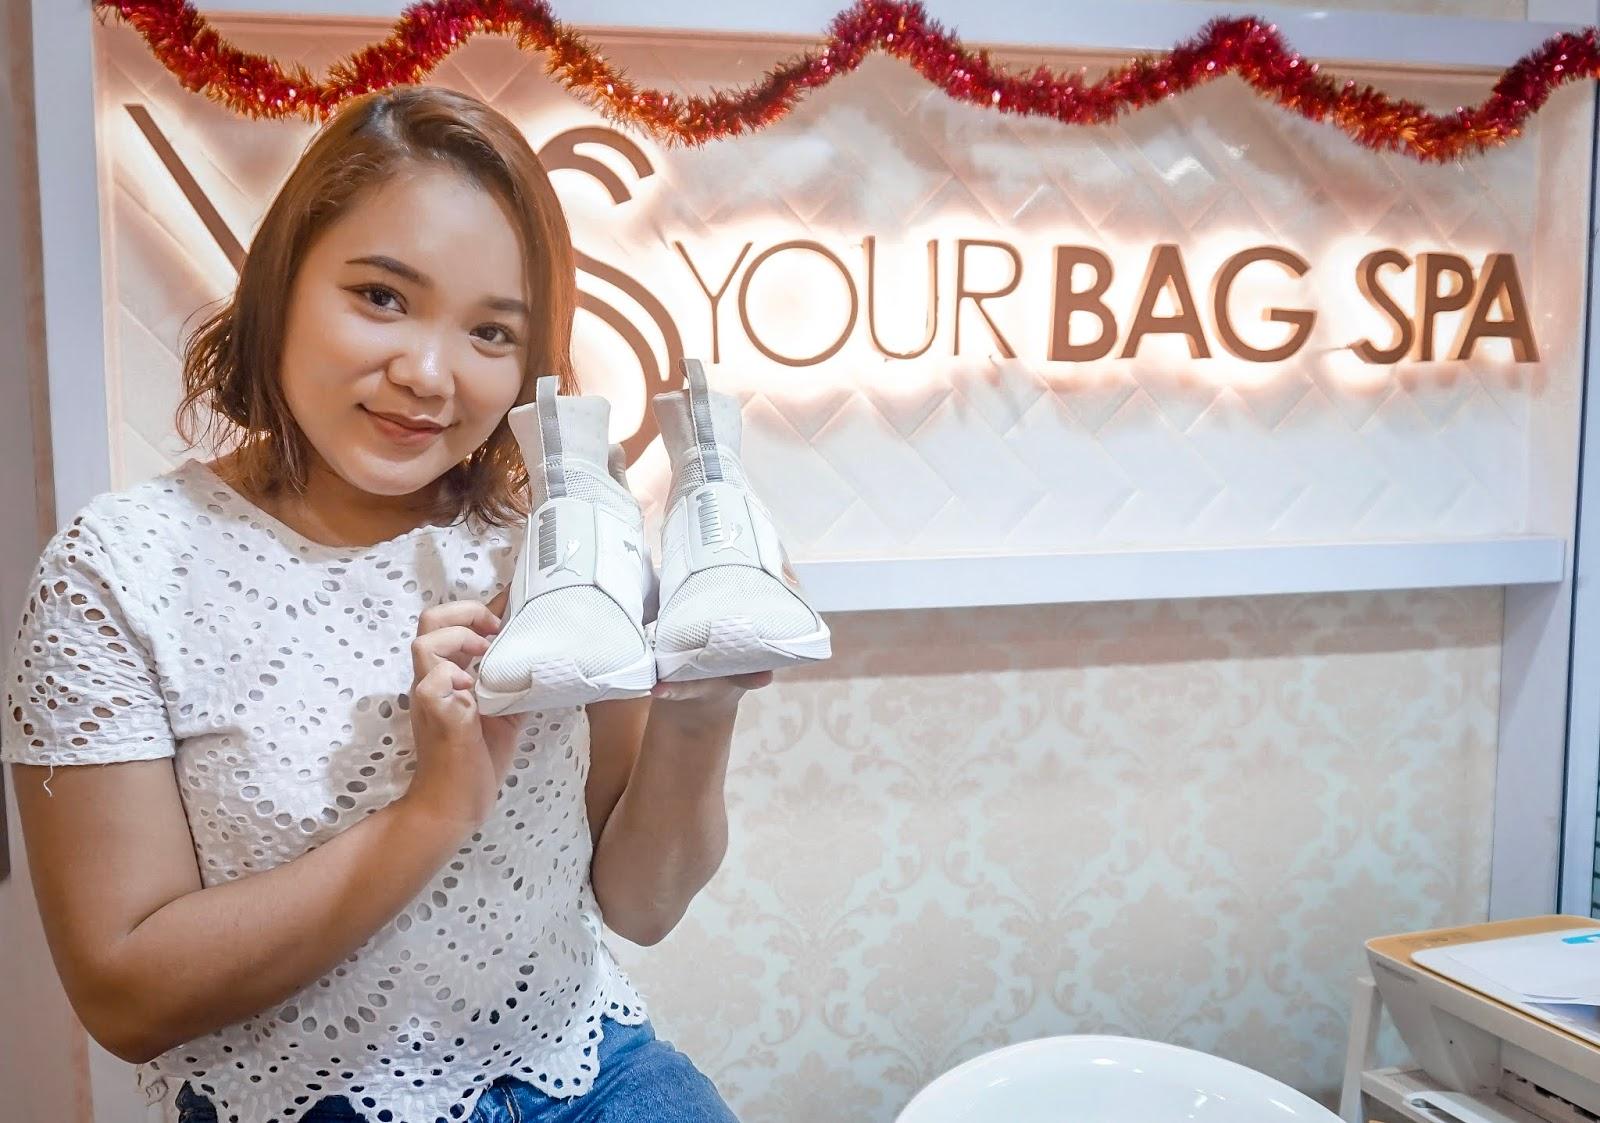 36d3274cf Pengalaman Cuci Sepatu di Your Bag Spa